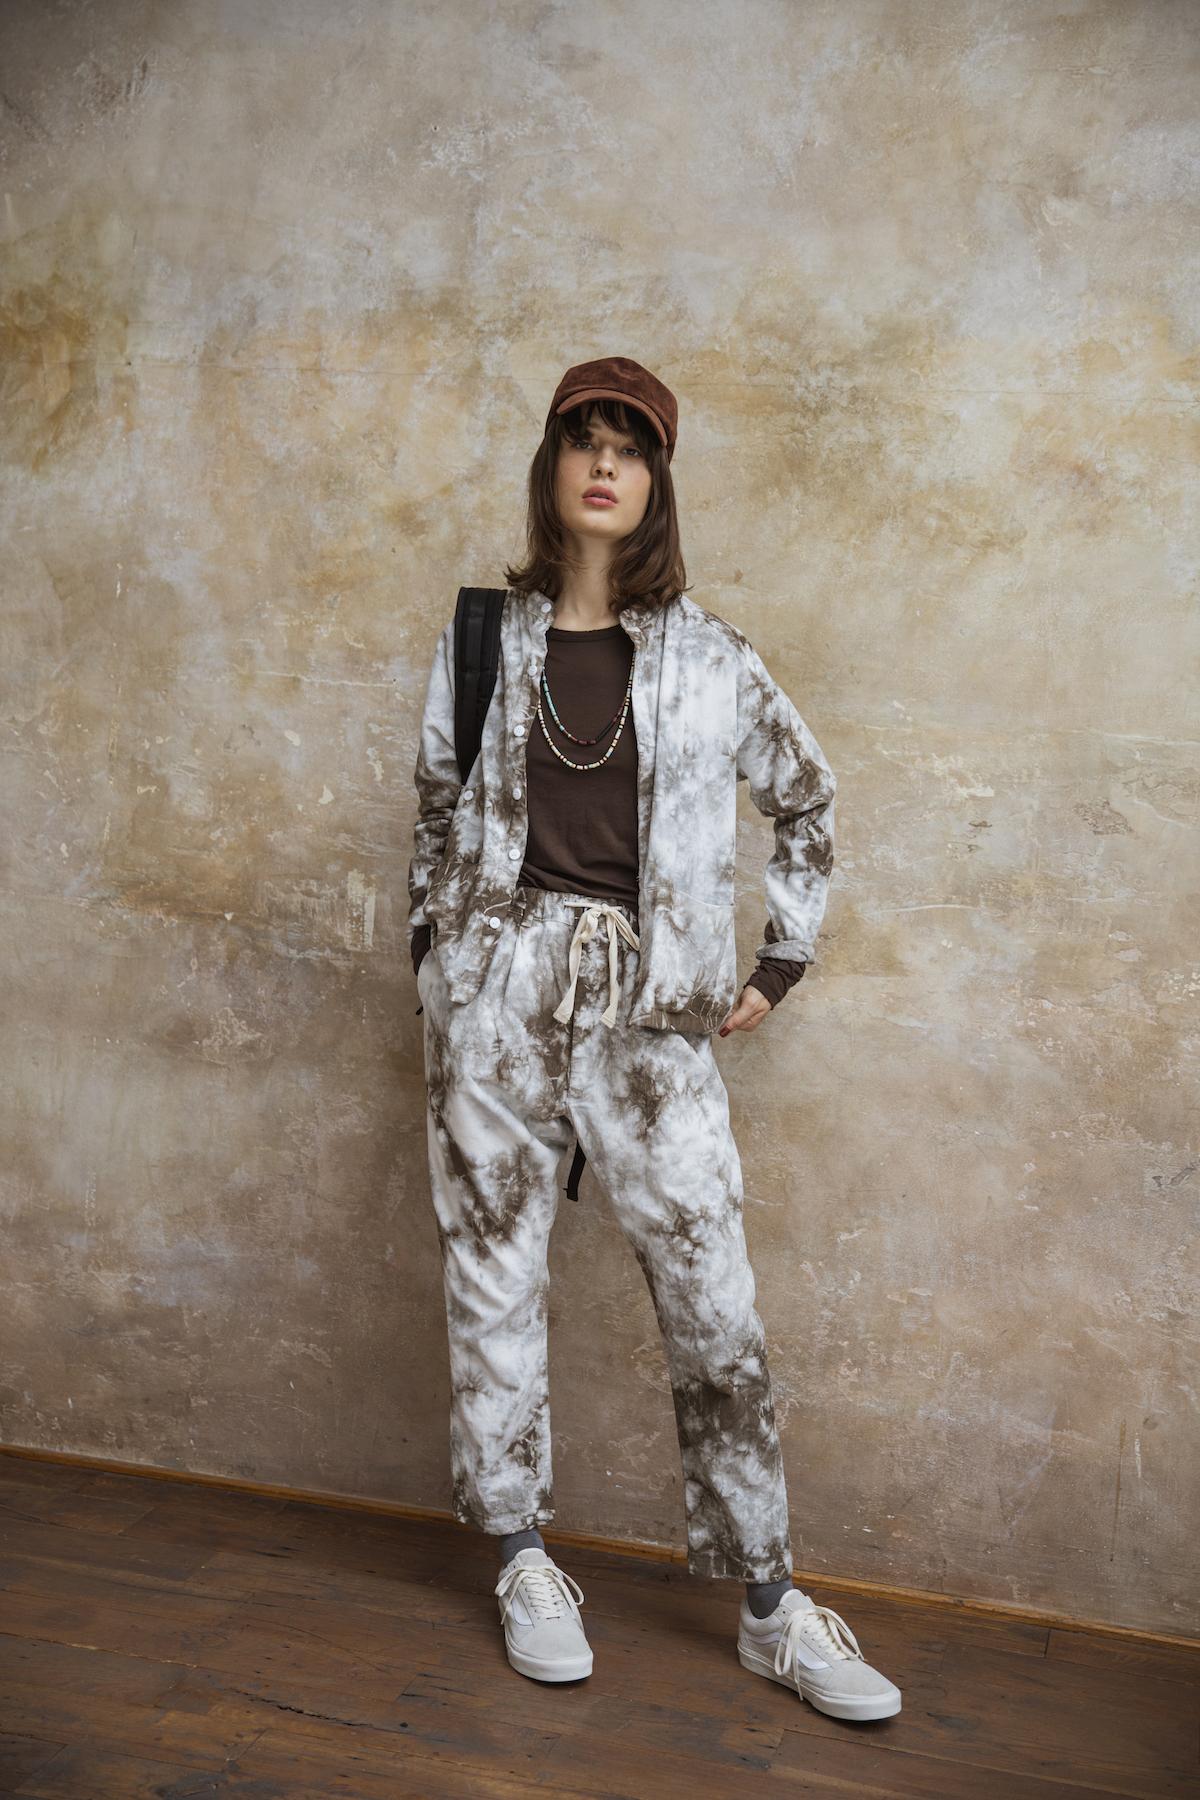 6_1 shirt¥36,000 tops¥11,000 pants¥36,000 cap¥8,300 bag¥22,500 necklace¥46,000 necklace¥46,000 socks¥2,000 shoes¥9,500